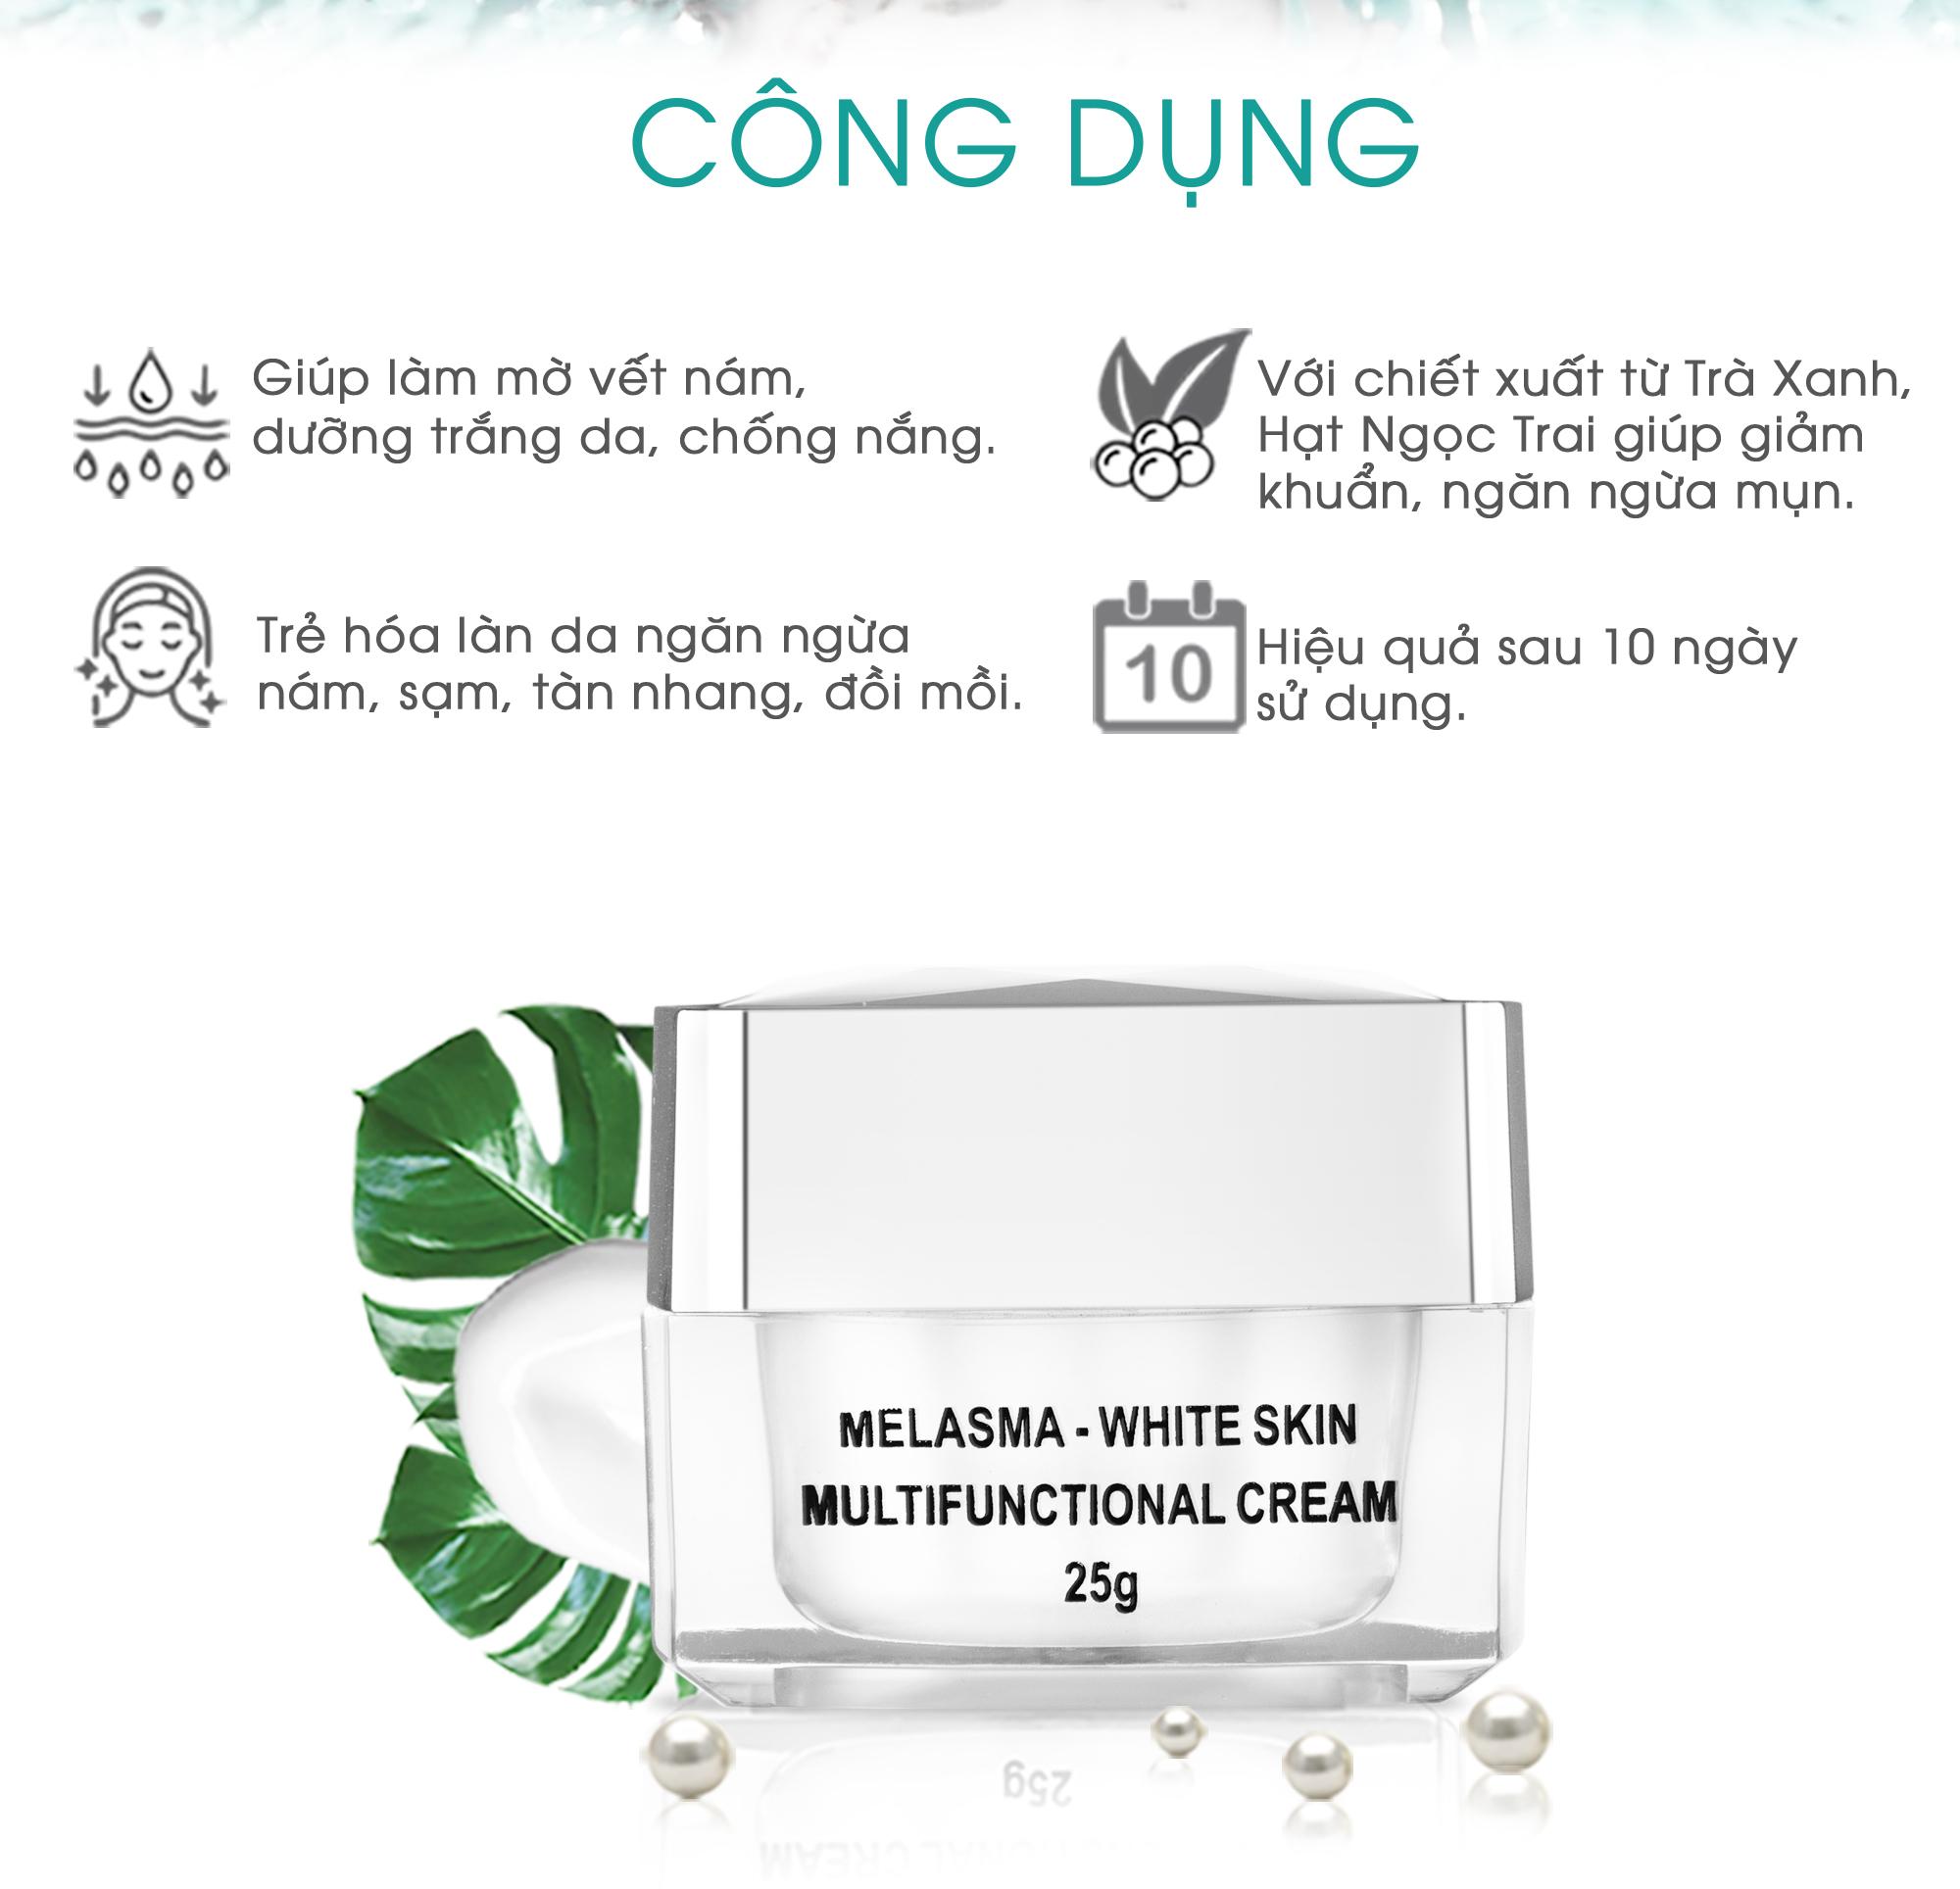 Bộ 3 sản phẩm Trắng Da Ngừa Nám KN Beauty chuyên sâu:Kem dưỡng 25g + Serum 30ml+ Sữa rửa mặt 120ml (Tặng 2 Mặt Nạ)